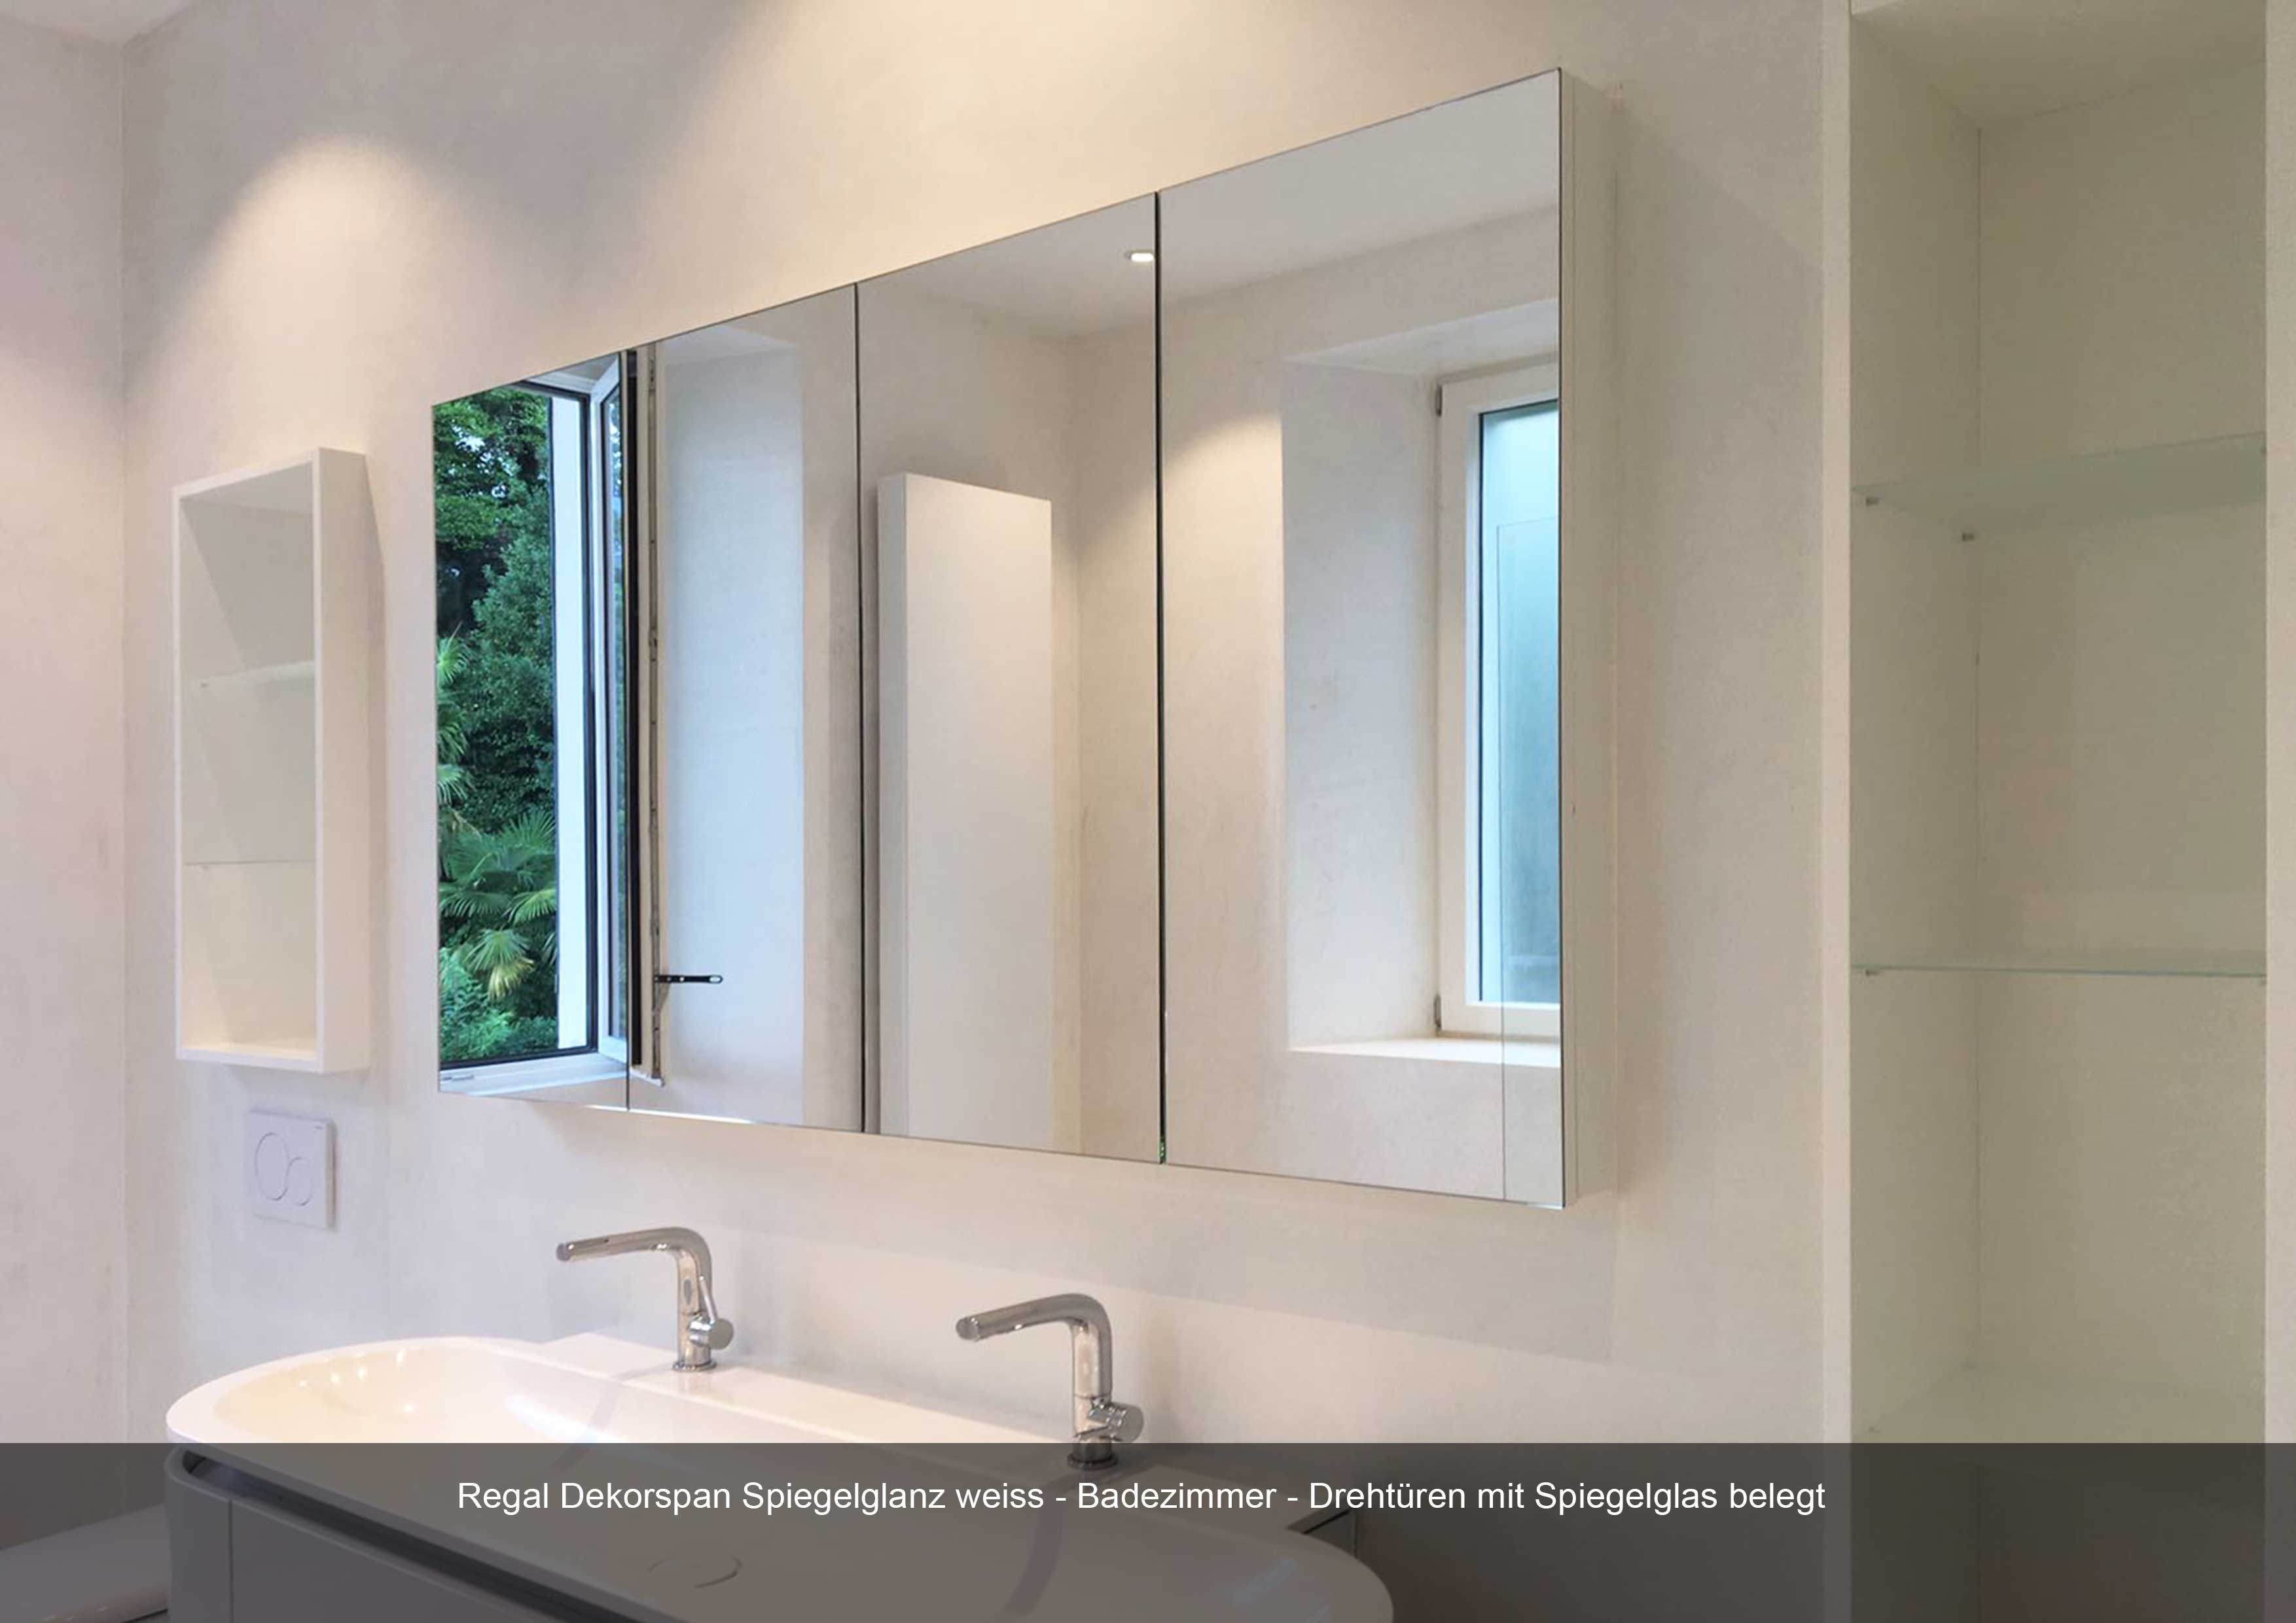 Badezimmerschrank in Dekorspan weiss